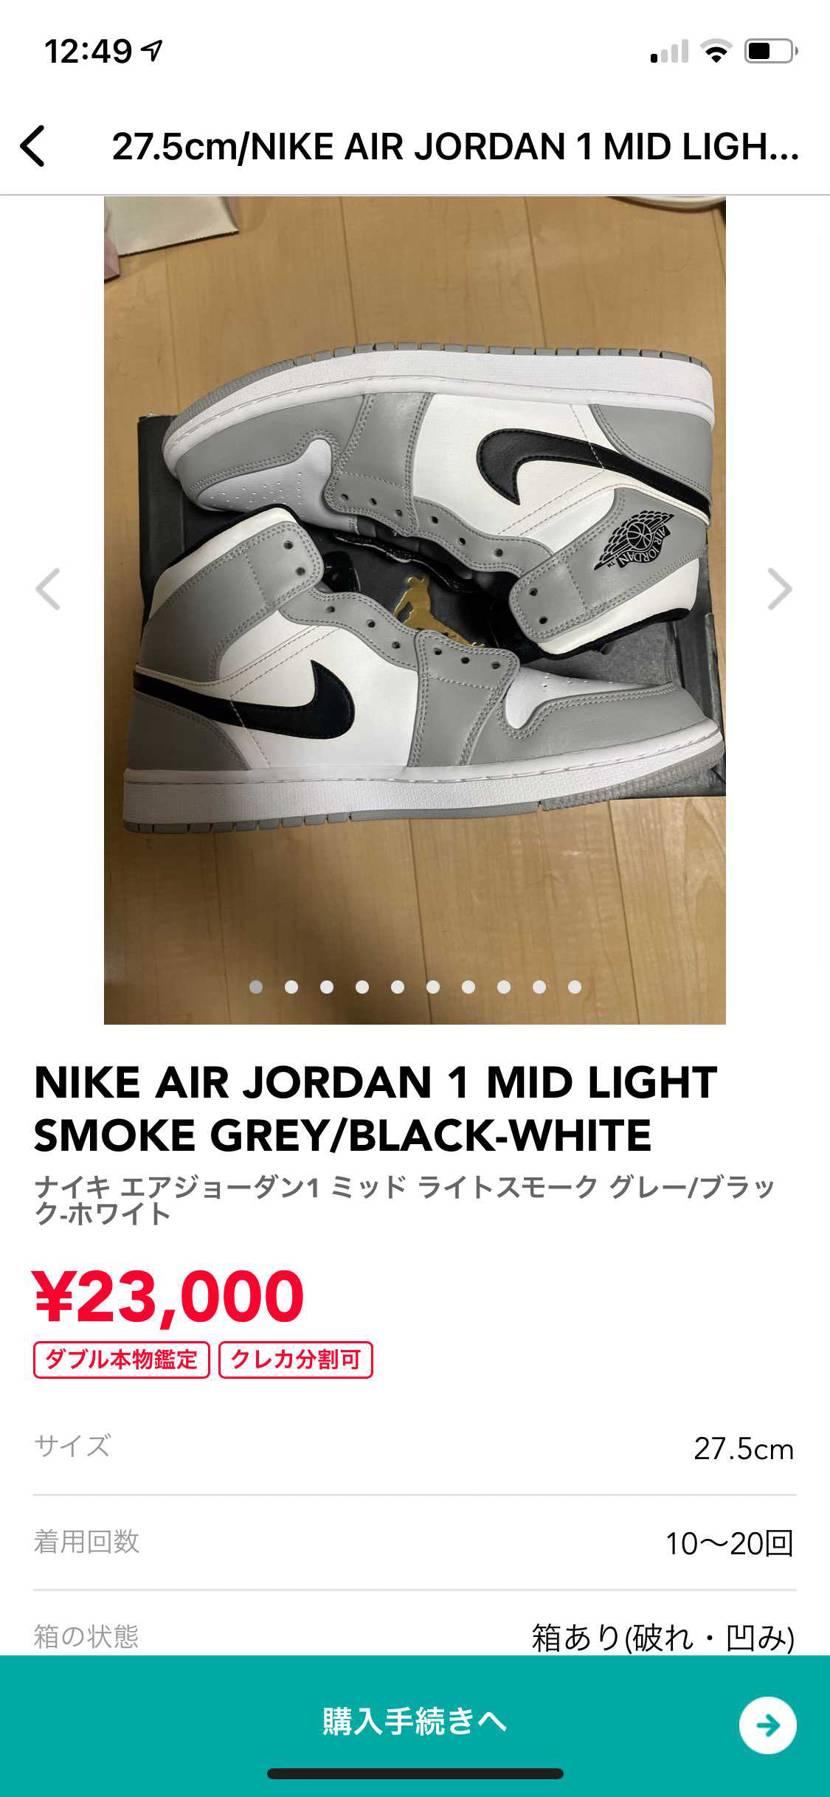 出品者様2万円でよろしくでしょうか